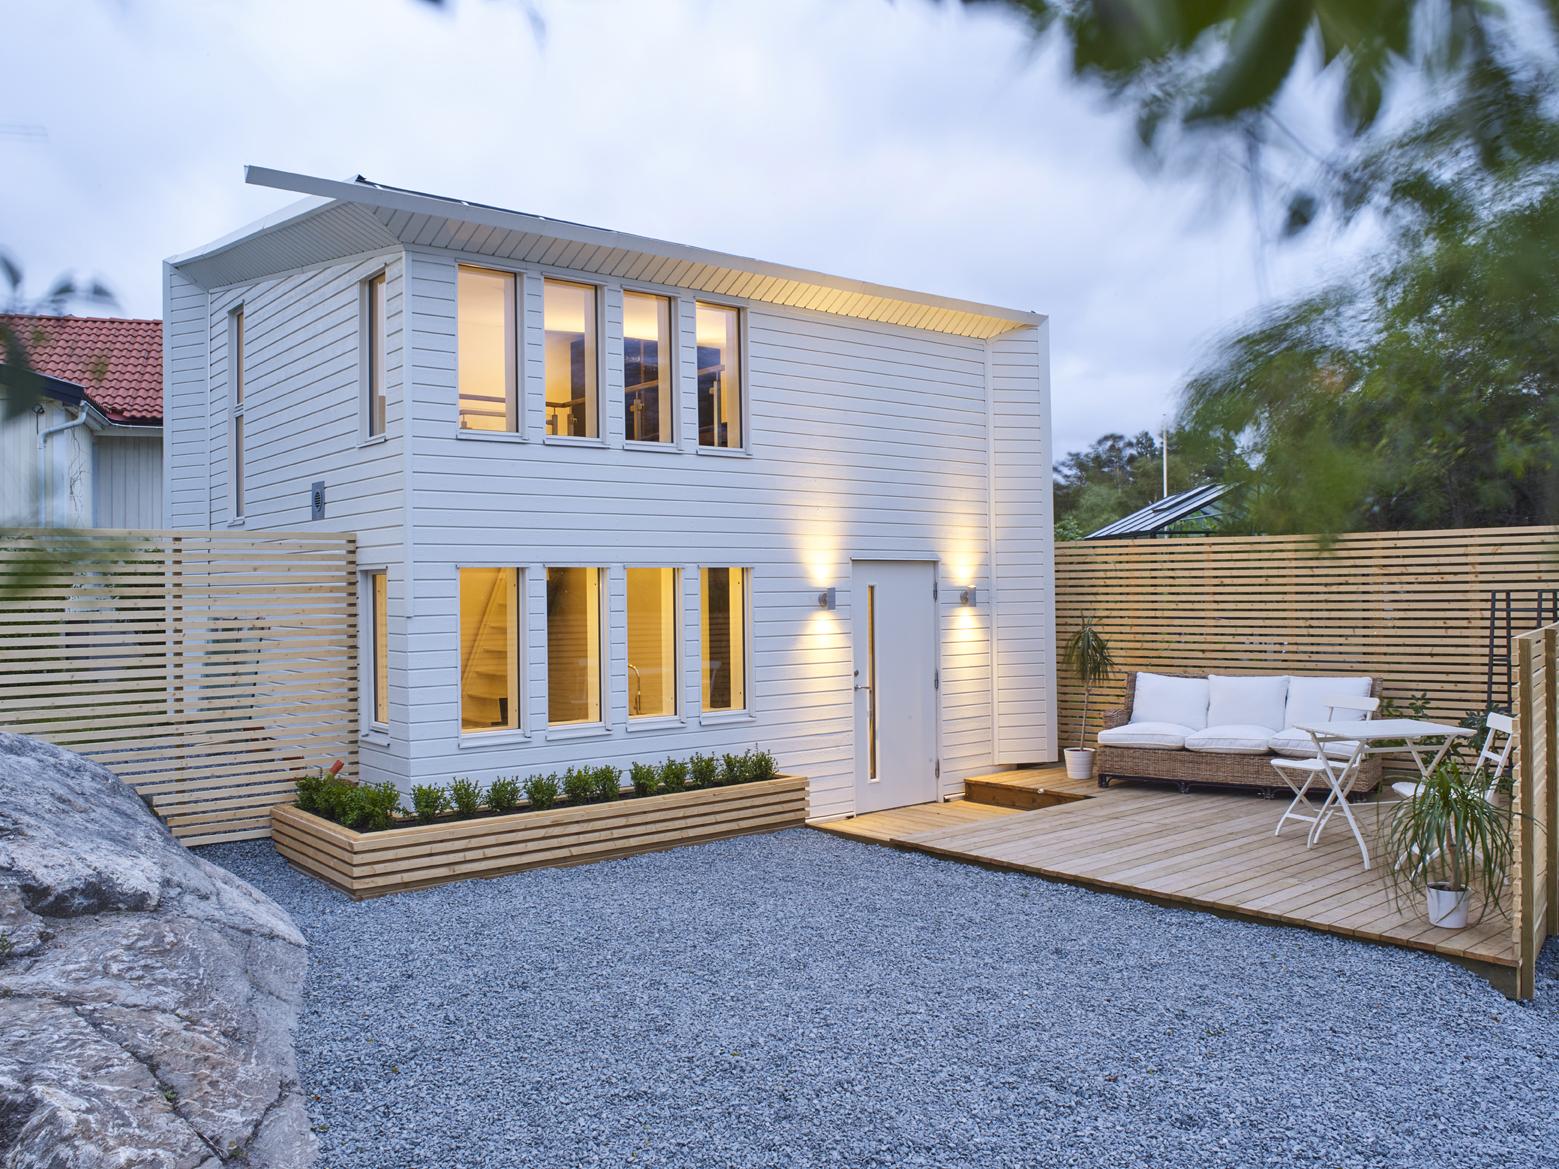 Hus med med utsikt ver Hjuviks hamn - Houses for - Airbnb